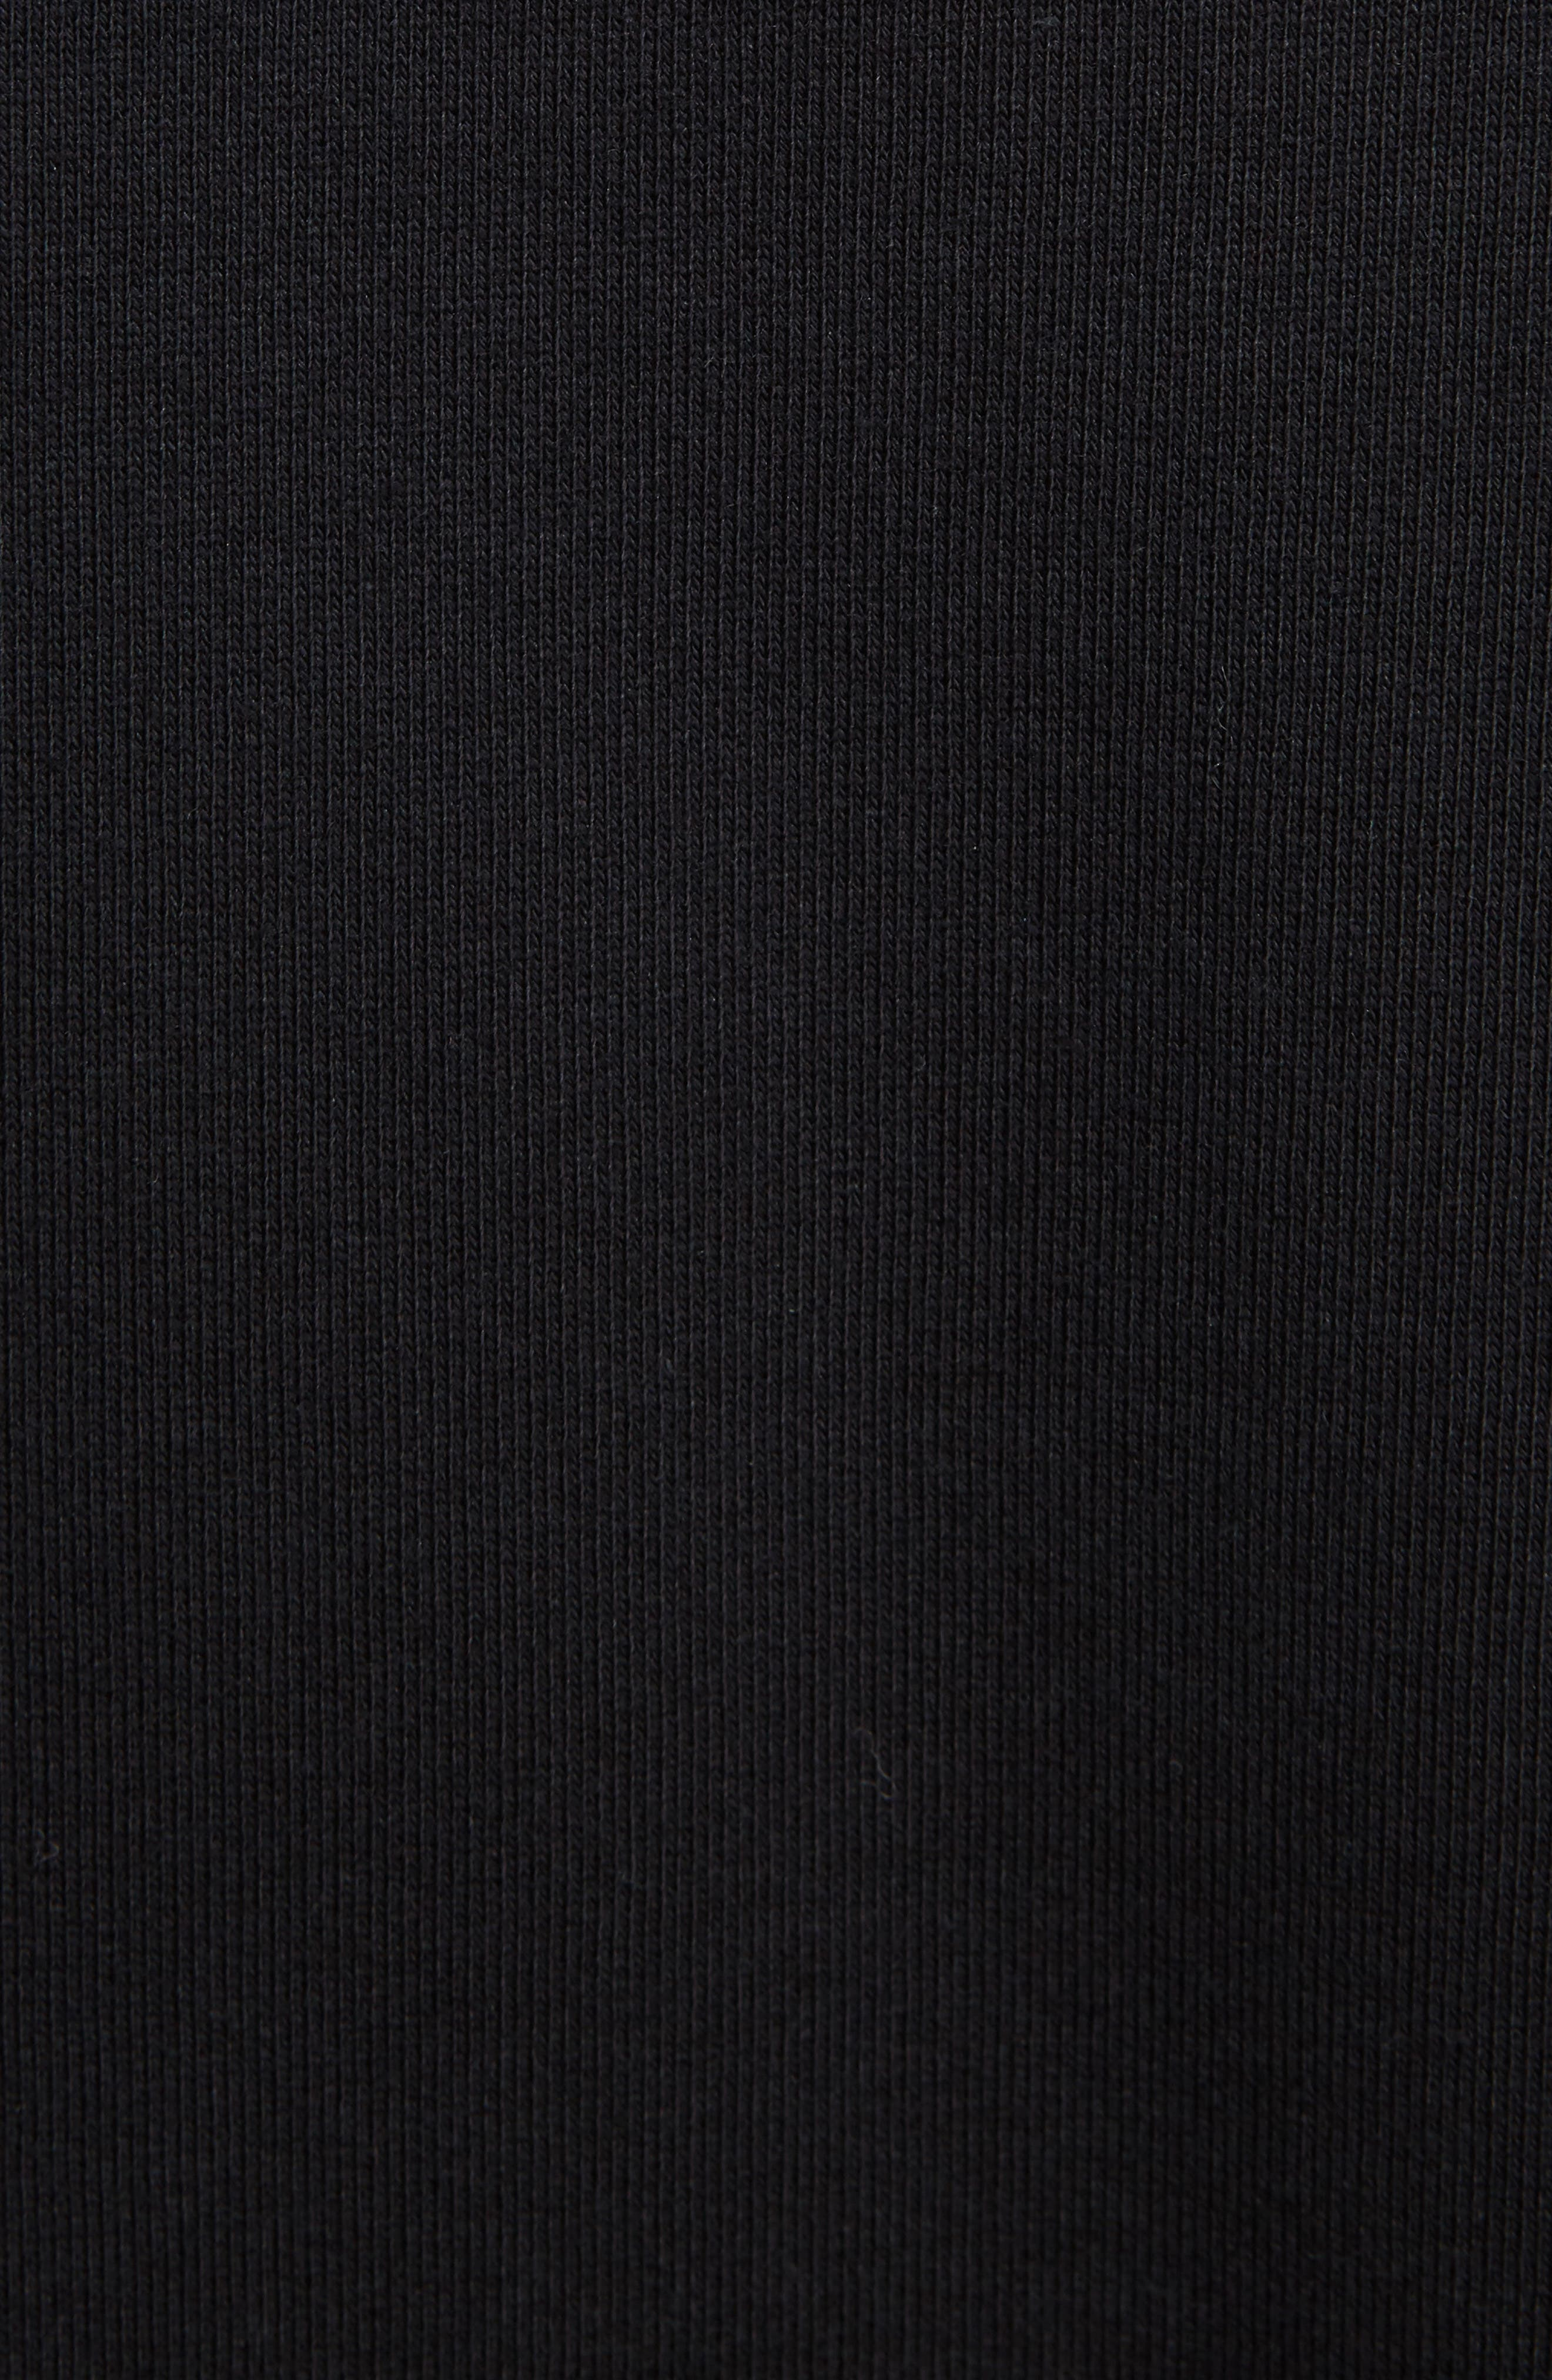 Paradise Patch Sweatshirt,                             Alternate thumbnail 5, color,                             Black